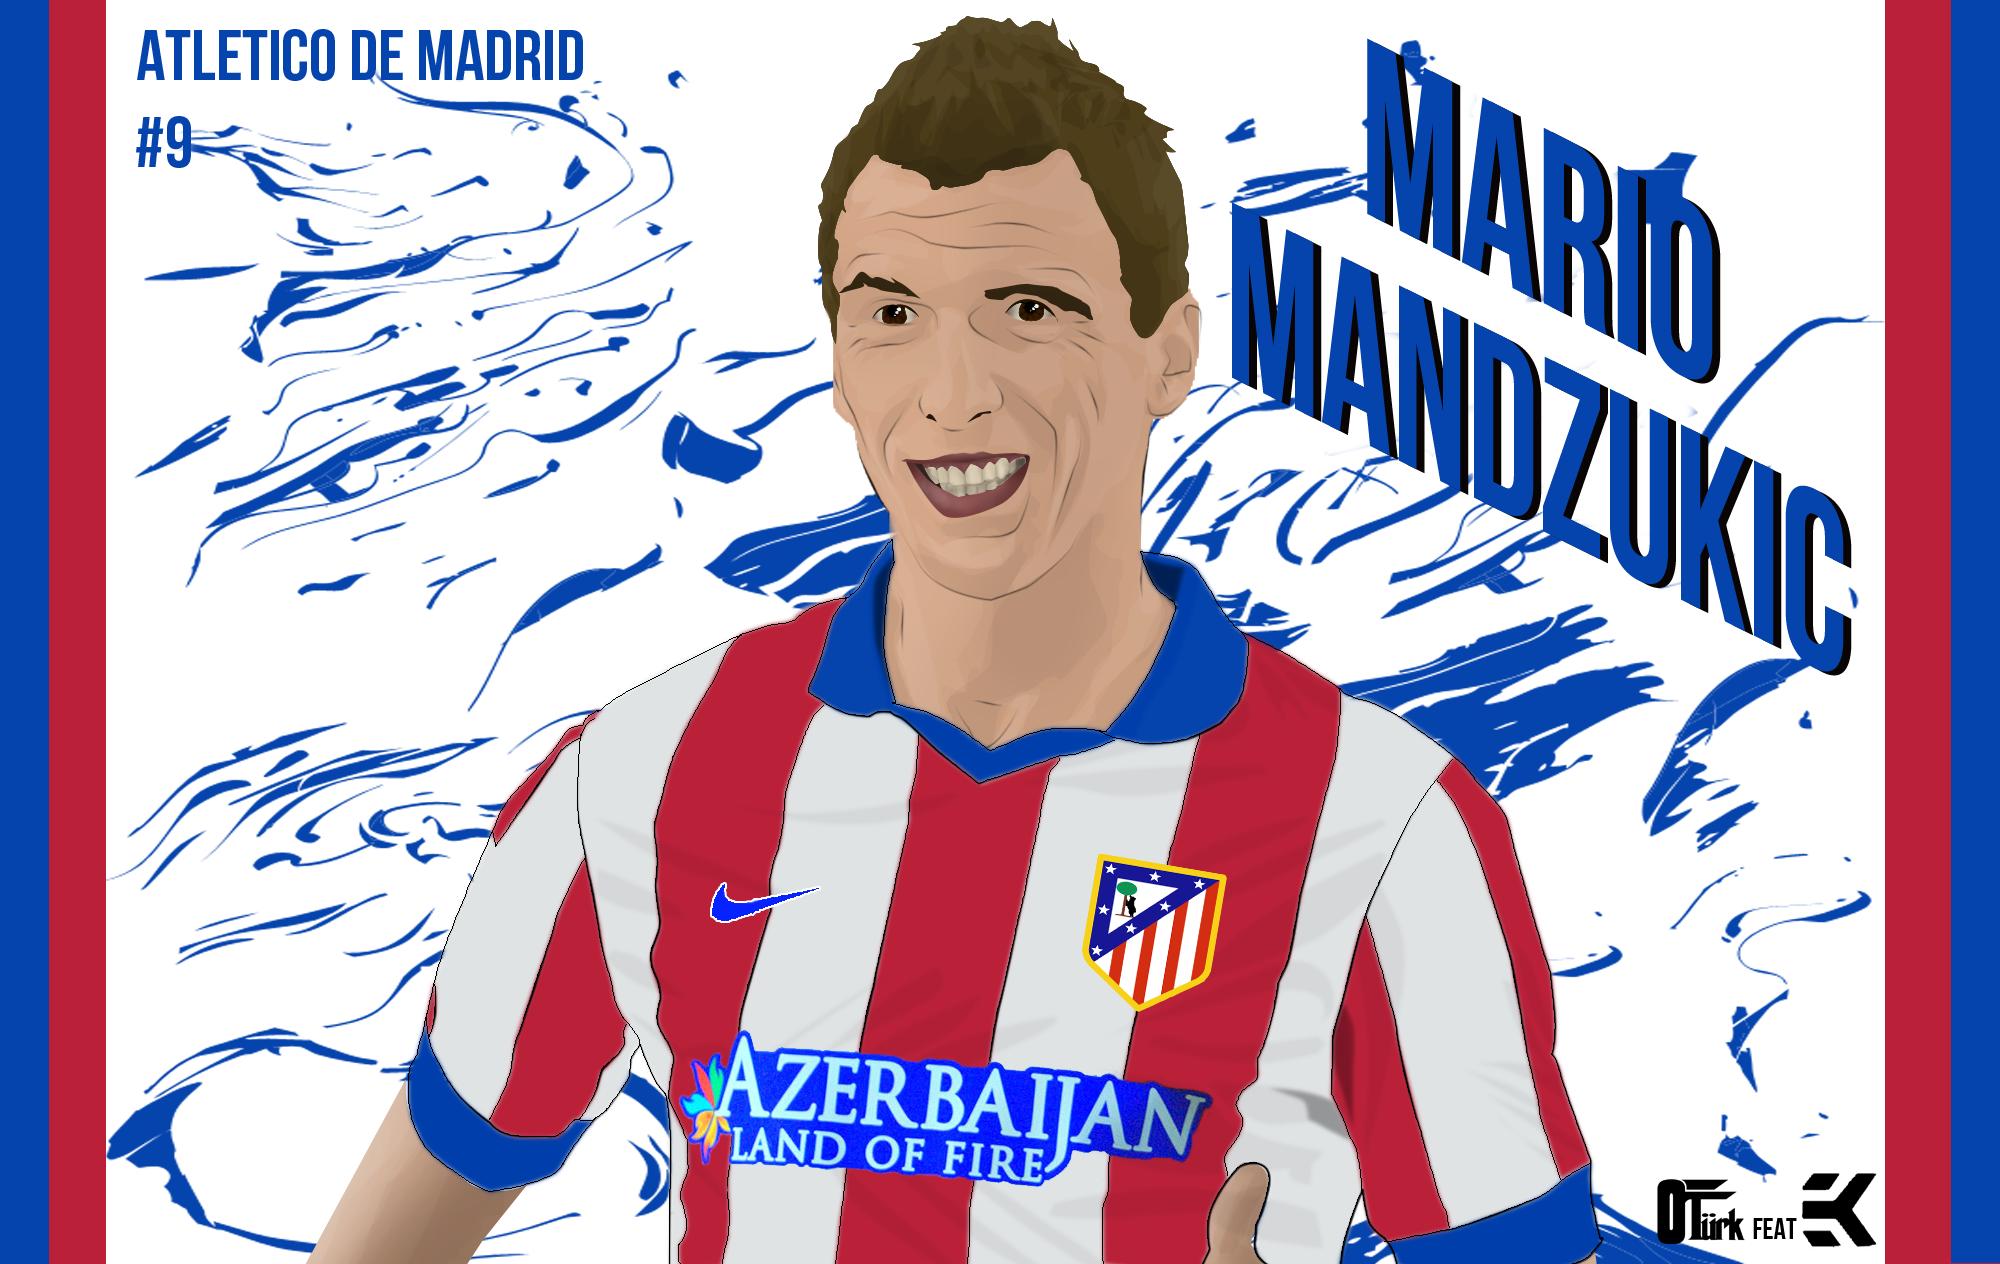 Mario Mandzukic by OturkDesing on DeviantArt